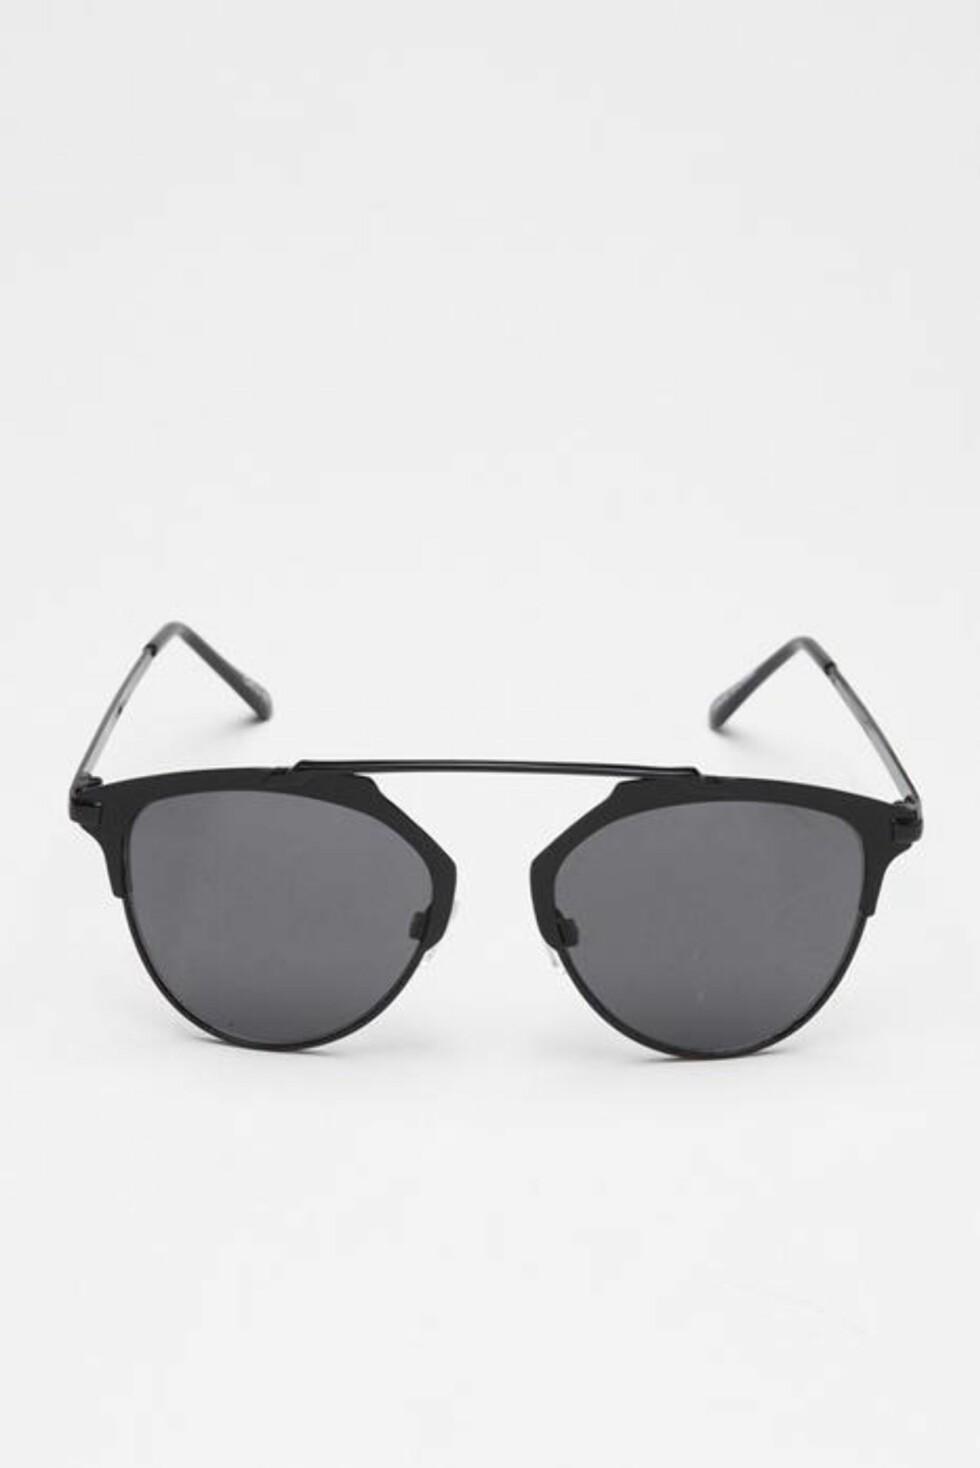 Solbriller fra | Gina Tricot | http://apprl.com/en/p/4Kmx/